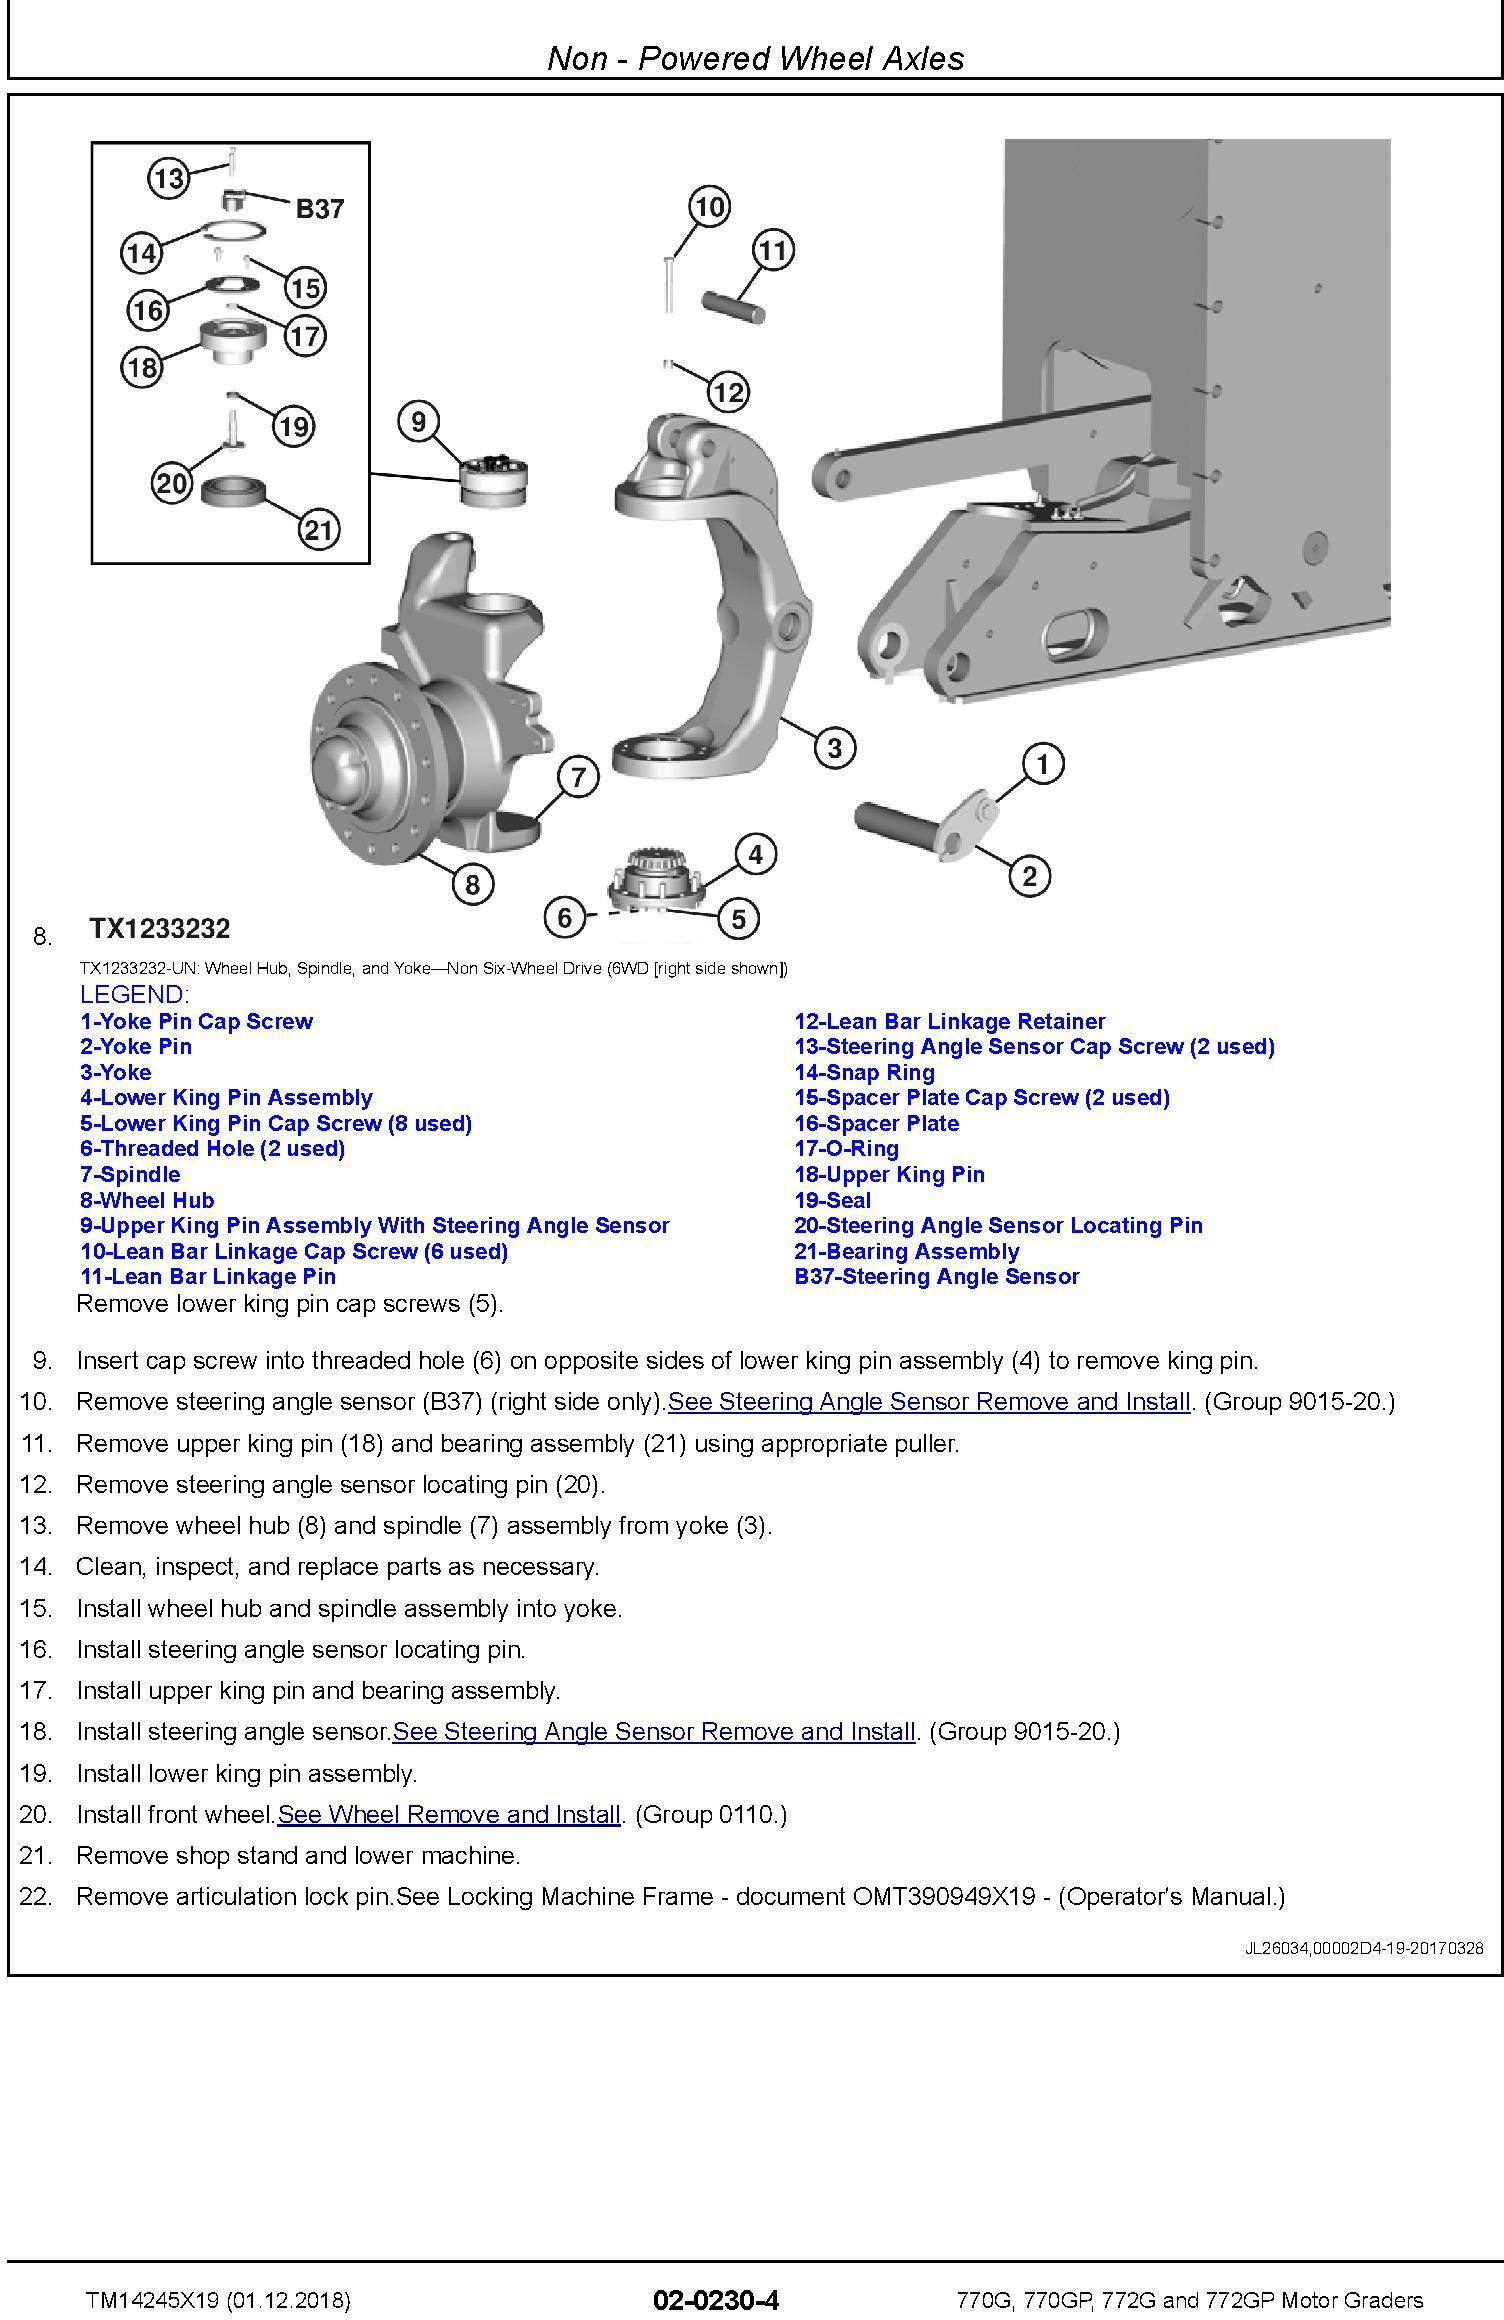 John Deere 770G, 770GP, 772G, 772GP (SN. F680878-,L700954-) Motor Graders Repair Manual (TM14245X19) - 1